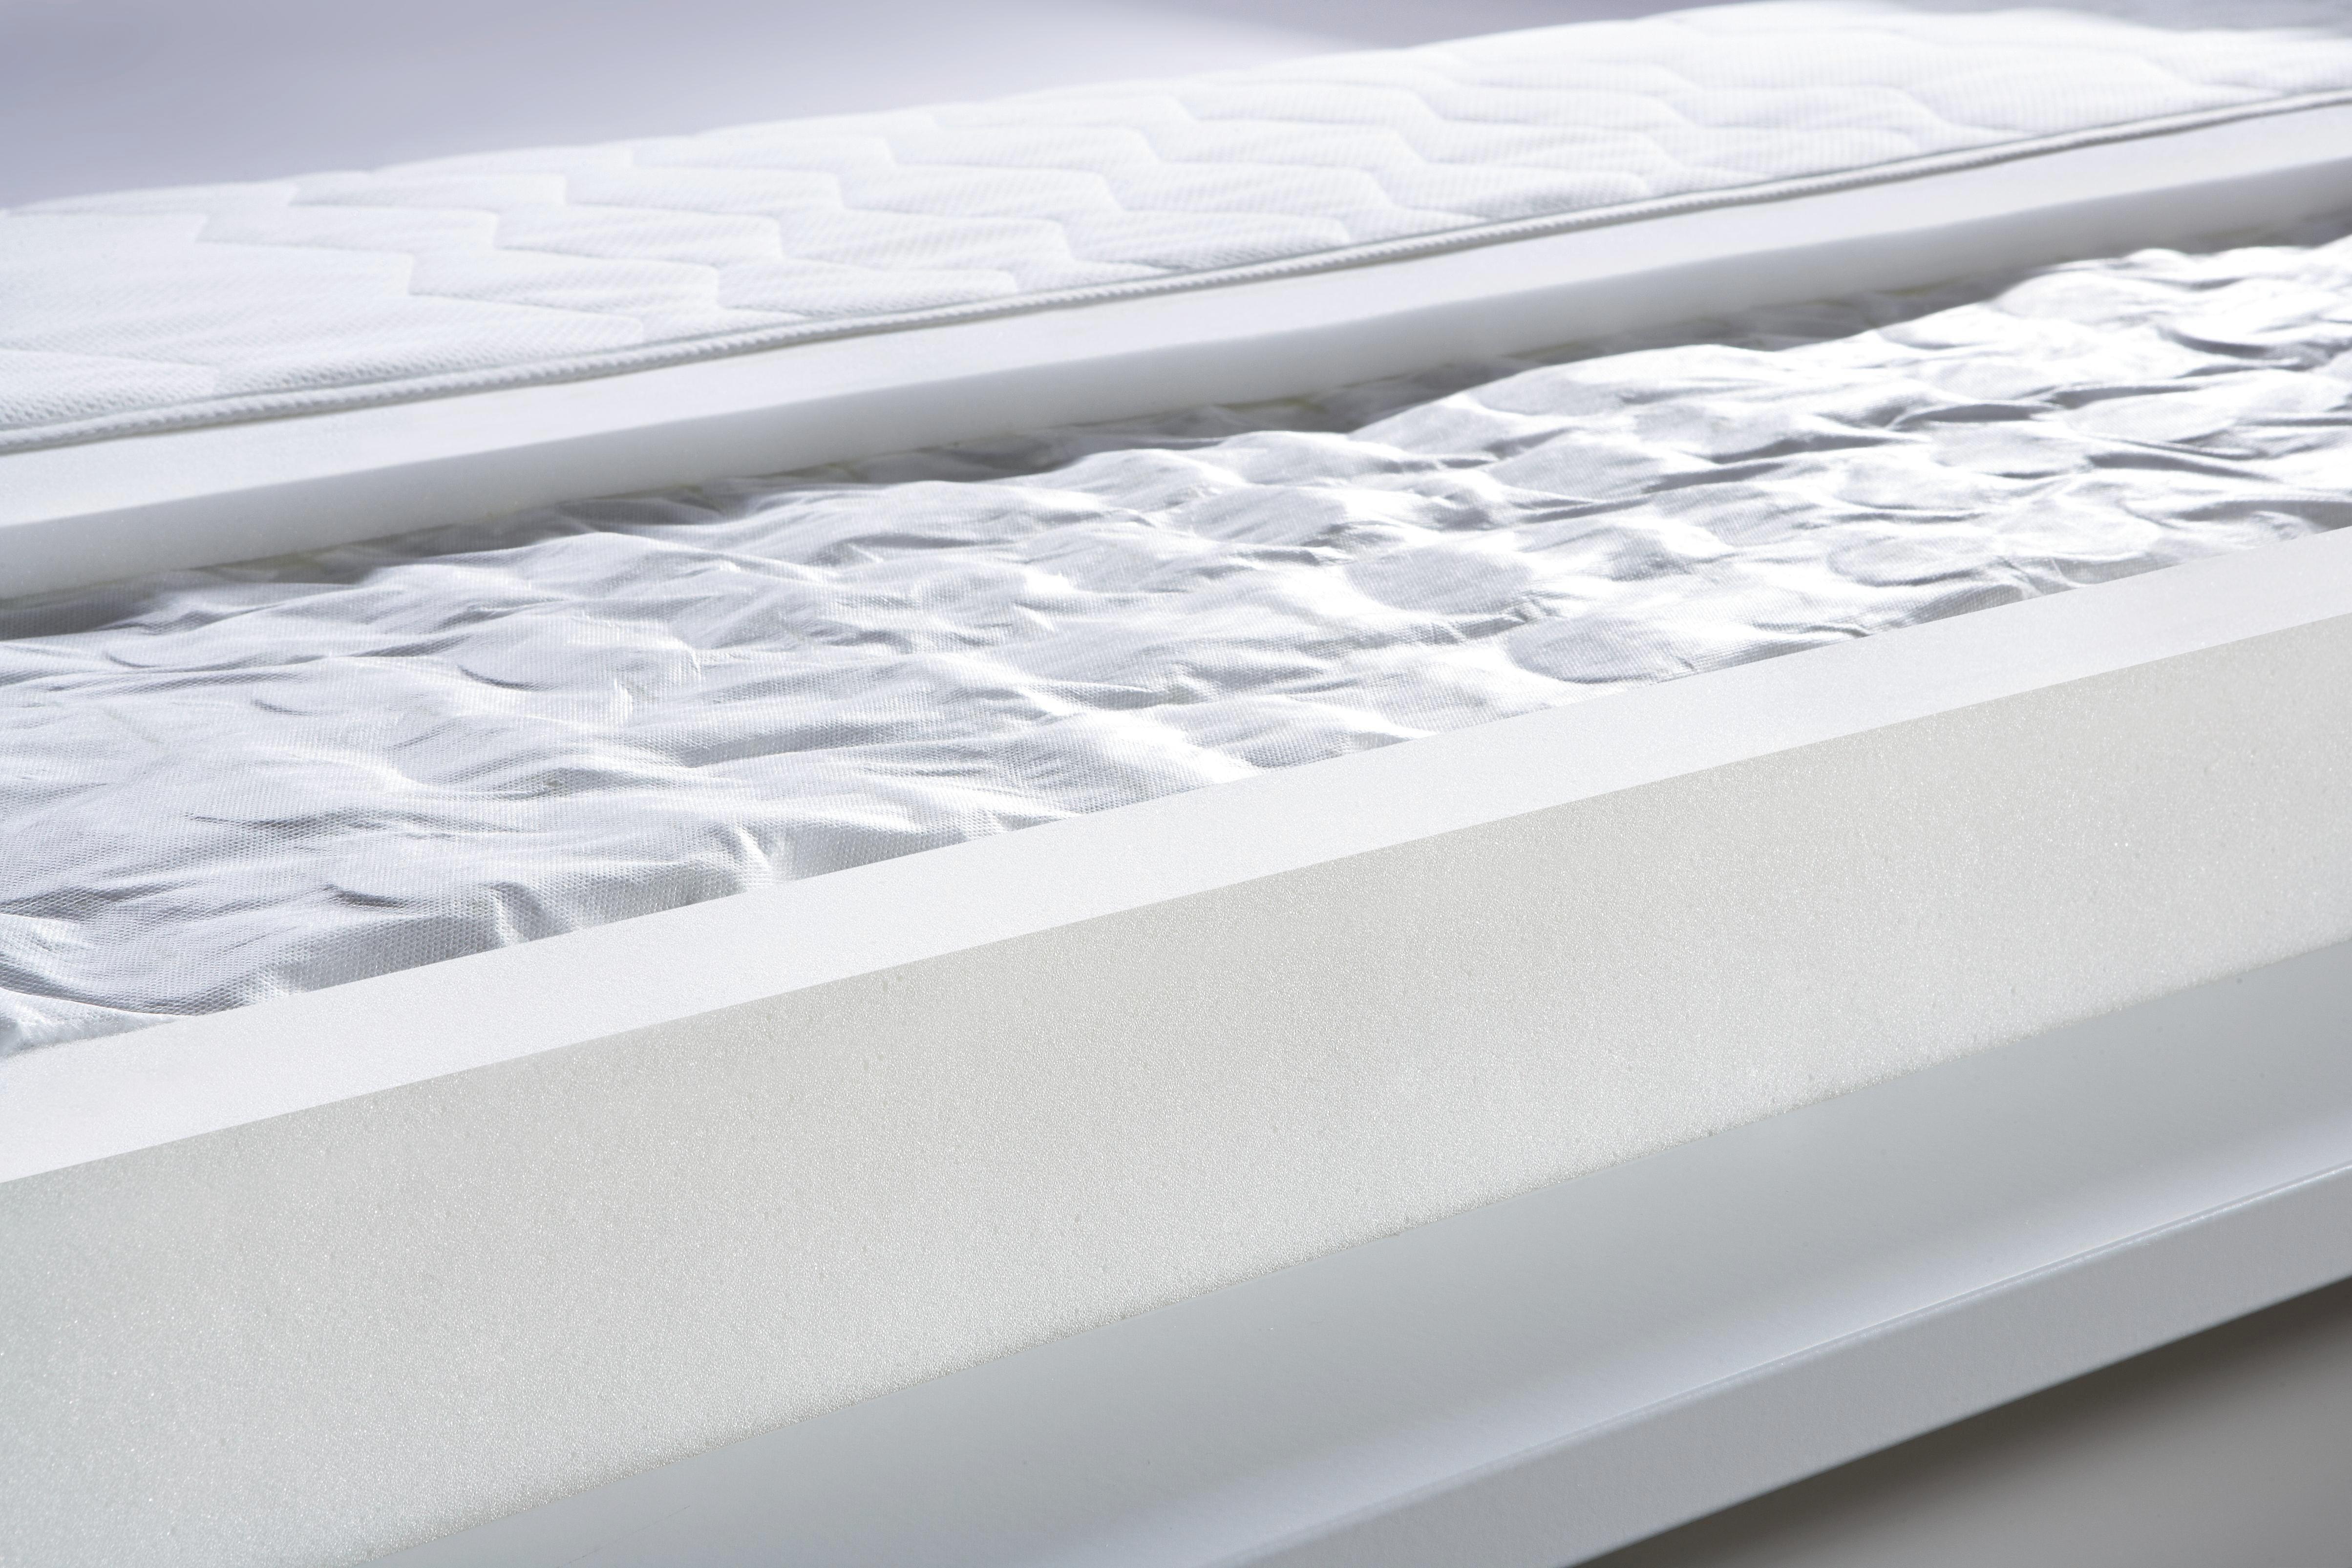 Taschenfederkernmatratze ca. 140x200cm - Weiß, KONVENTIONELL, Textil (200/140/19cm) - BASED